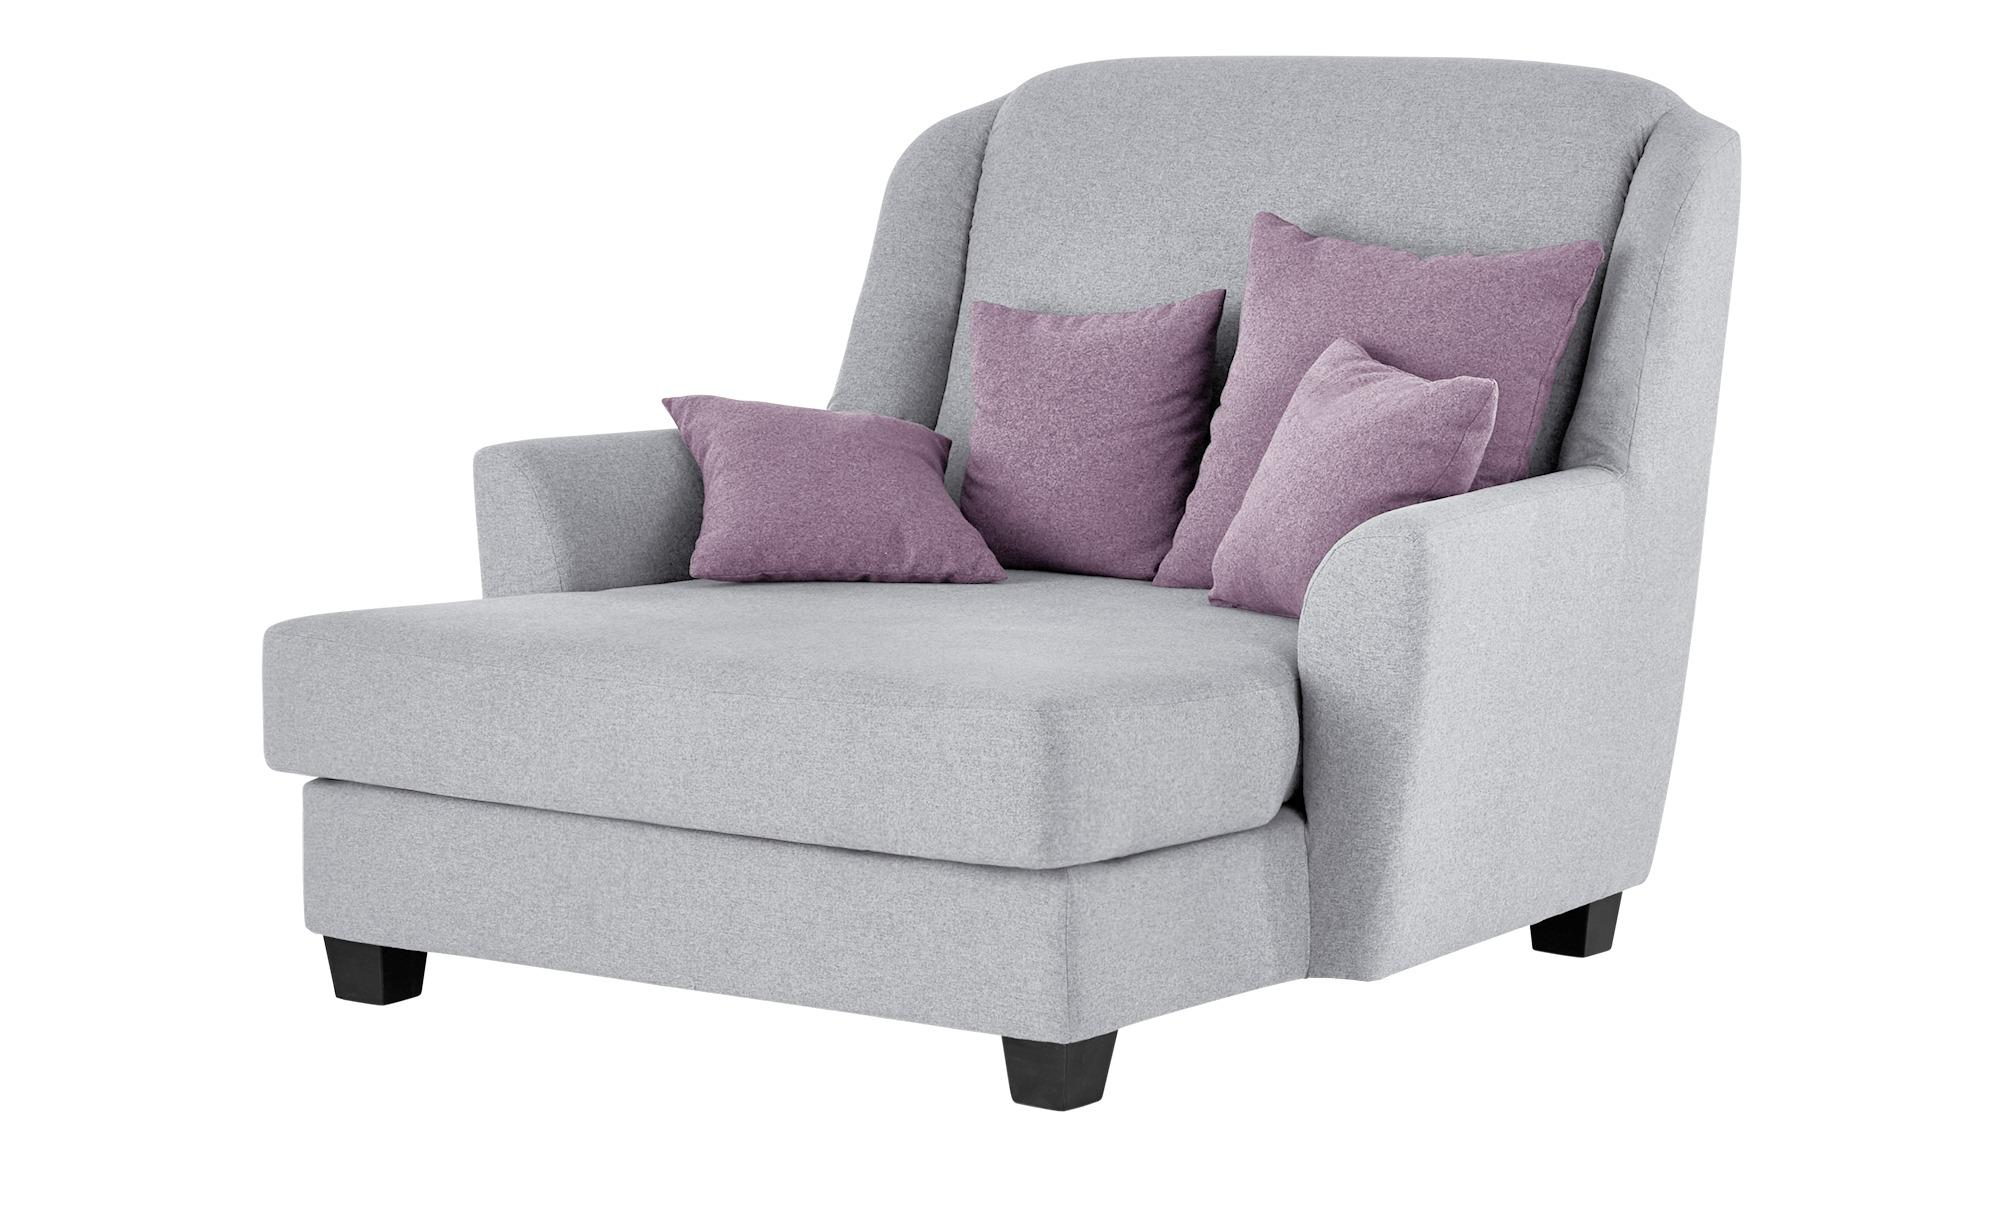 smart Sessel Lisbeth Breite 135 cm Höhe 100 cm grau online kaufen bei WOONIO